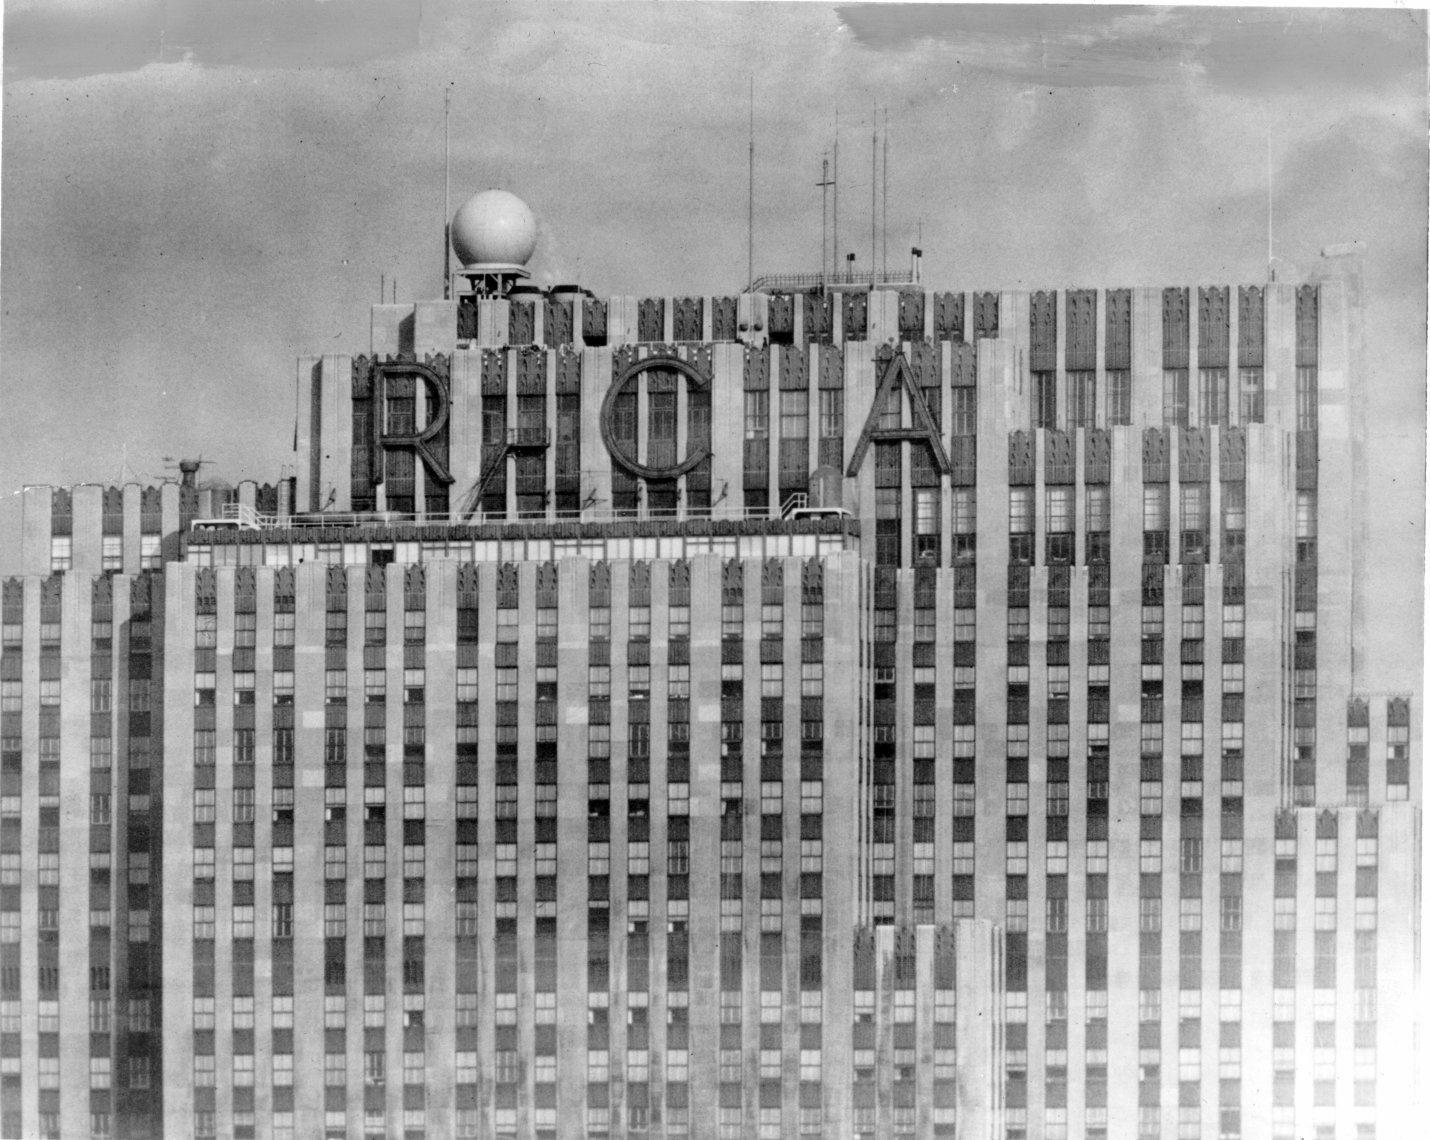 New York 30 Rockefeller Plaza 850 Roof 70 Floors